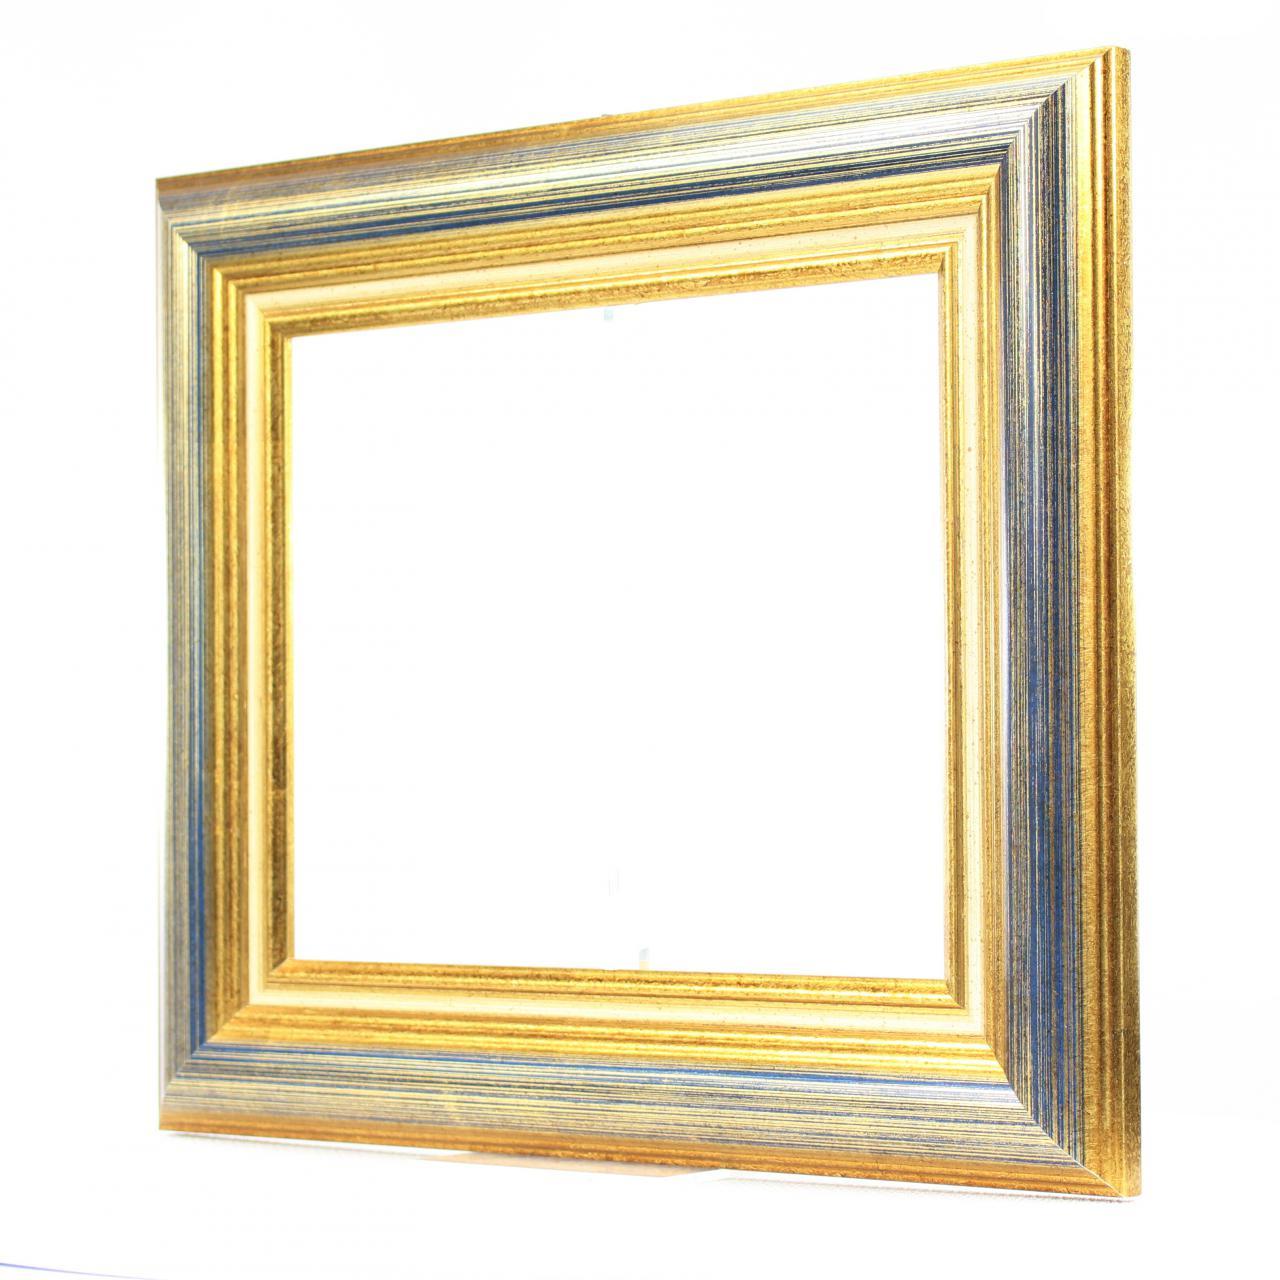 Cadre de tableau argent de matal photos stock image - Image de cadre de tableau ...